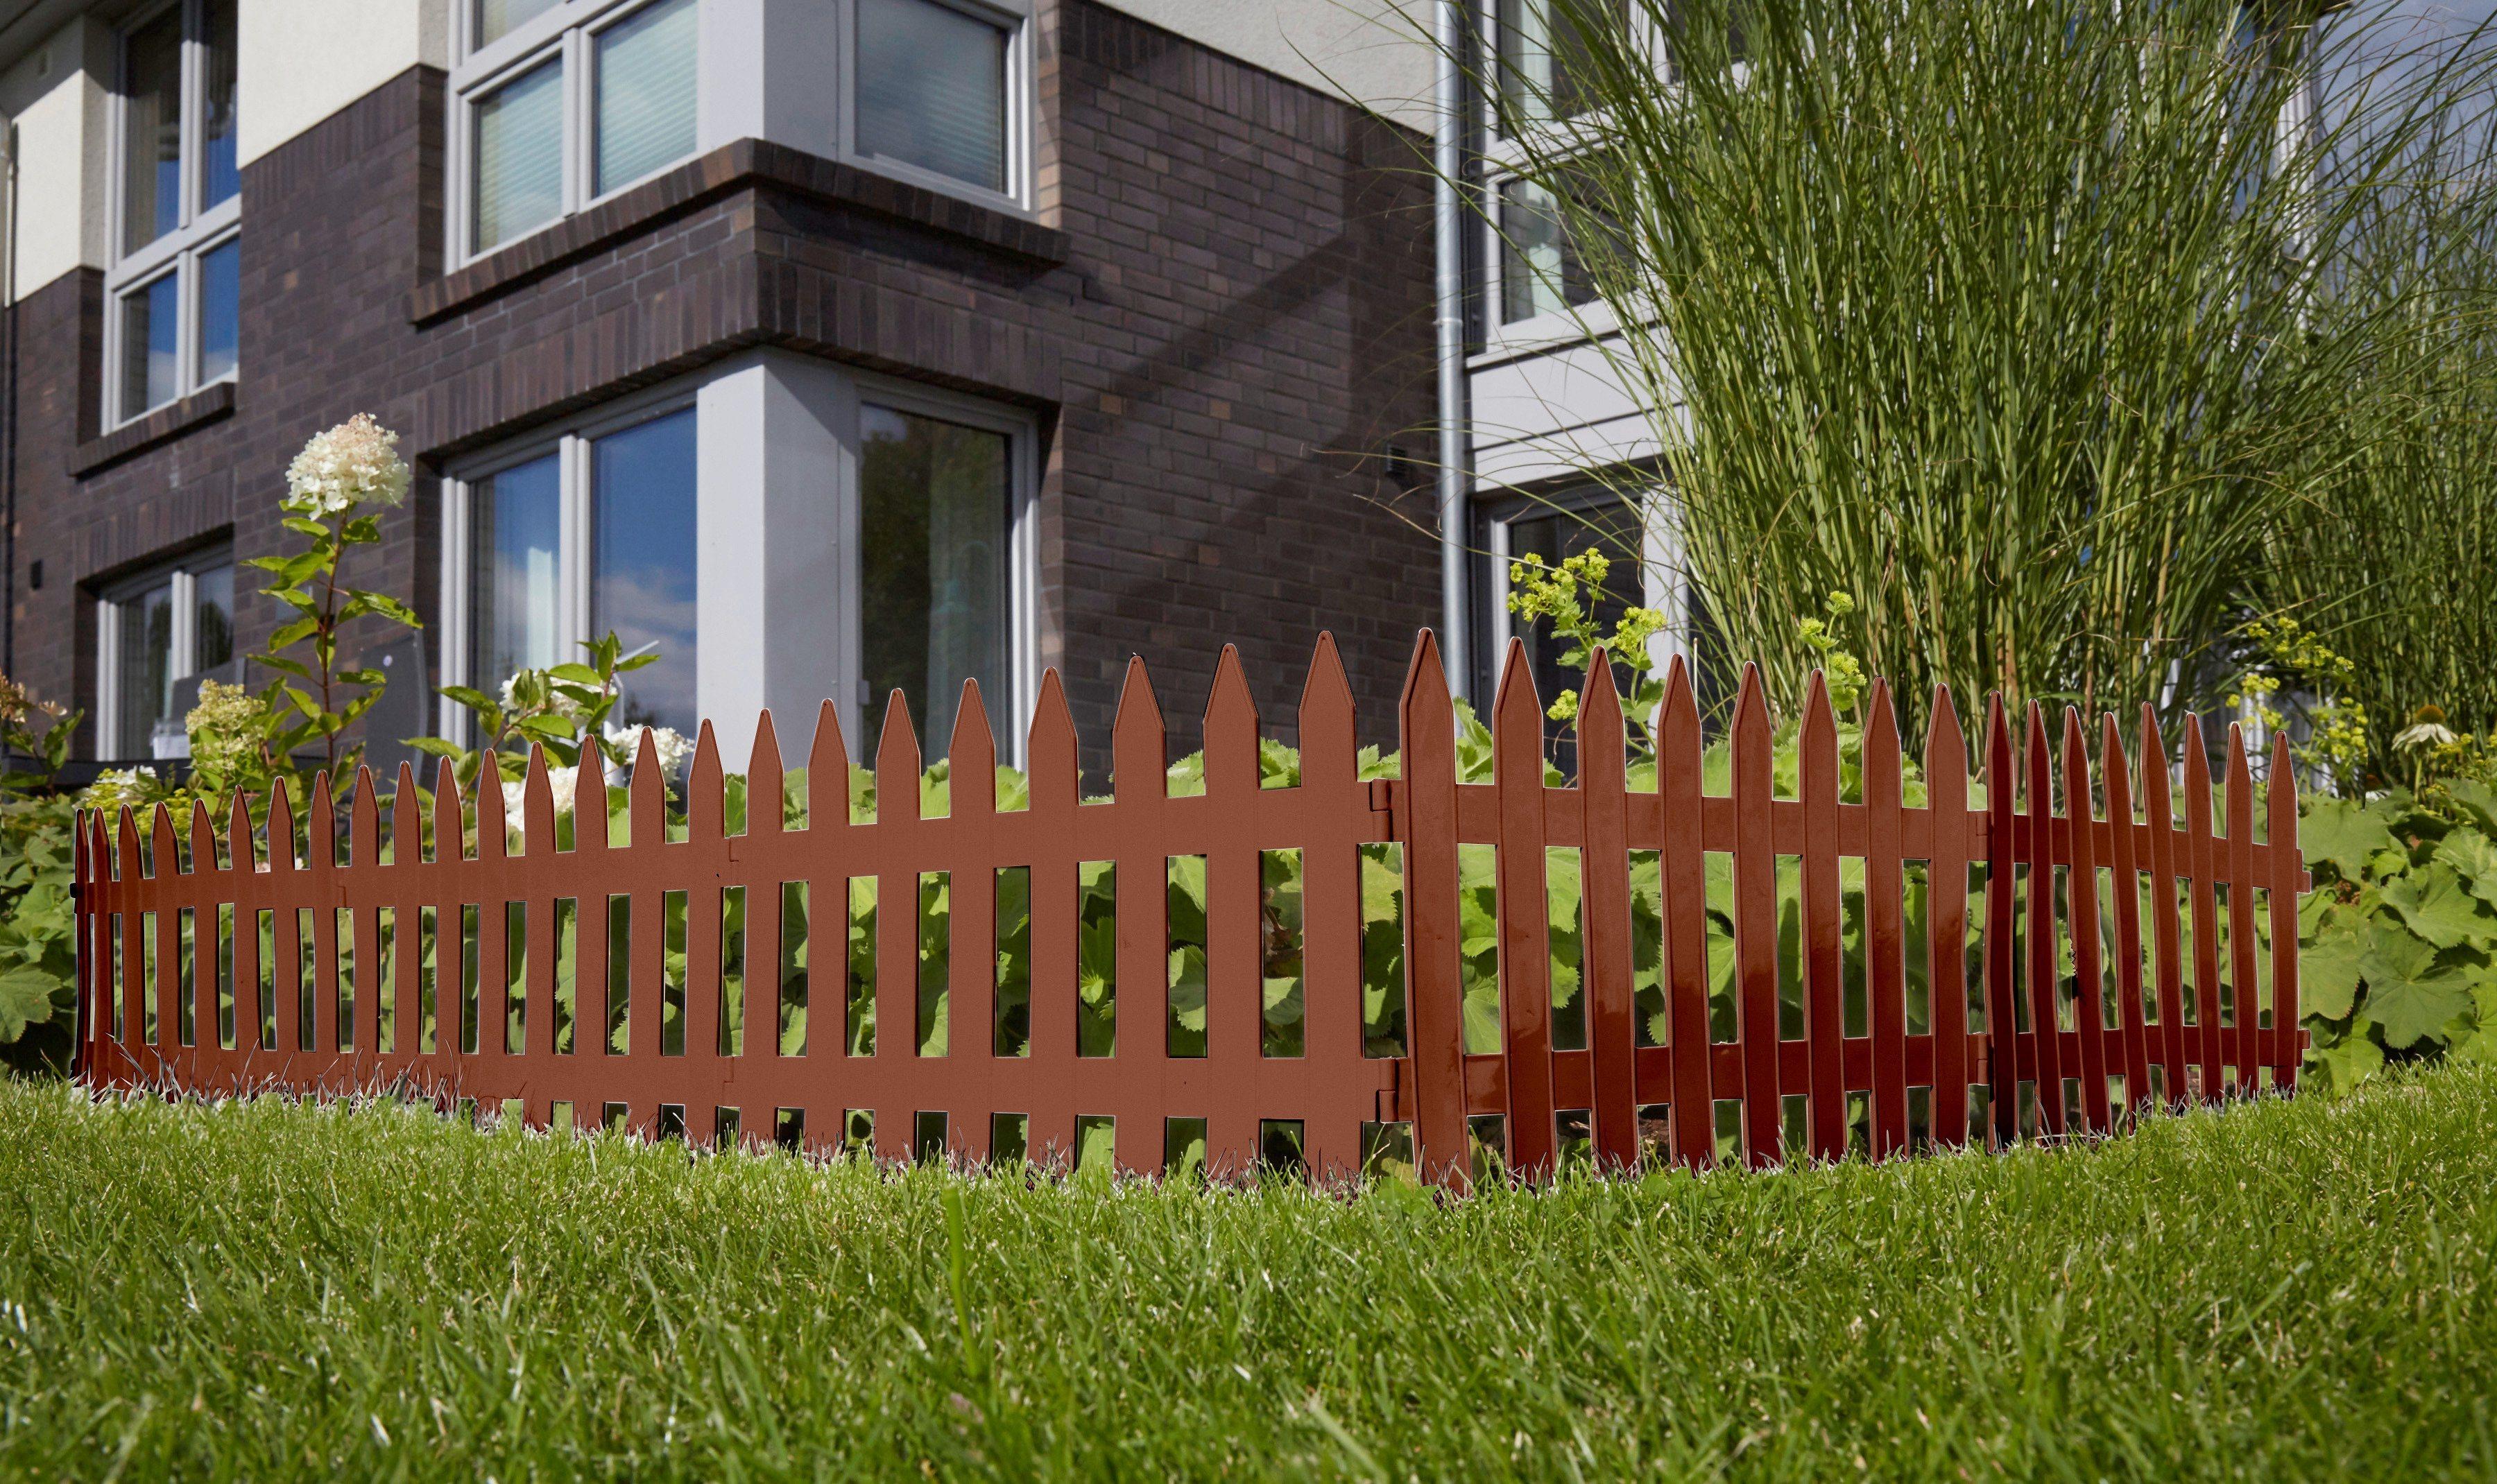 Prosperplast Minizaun »Garden Classic« braun | Garten > Zäune und Sichtschutz | Prosperplast